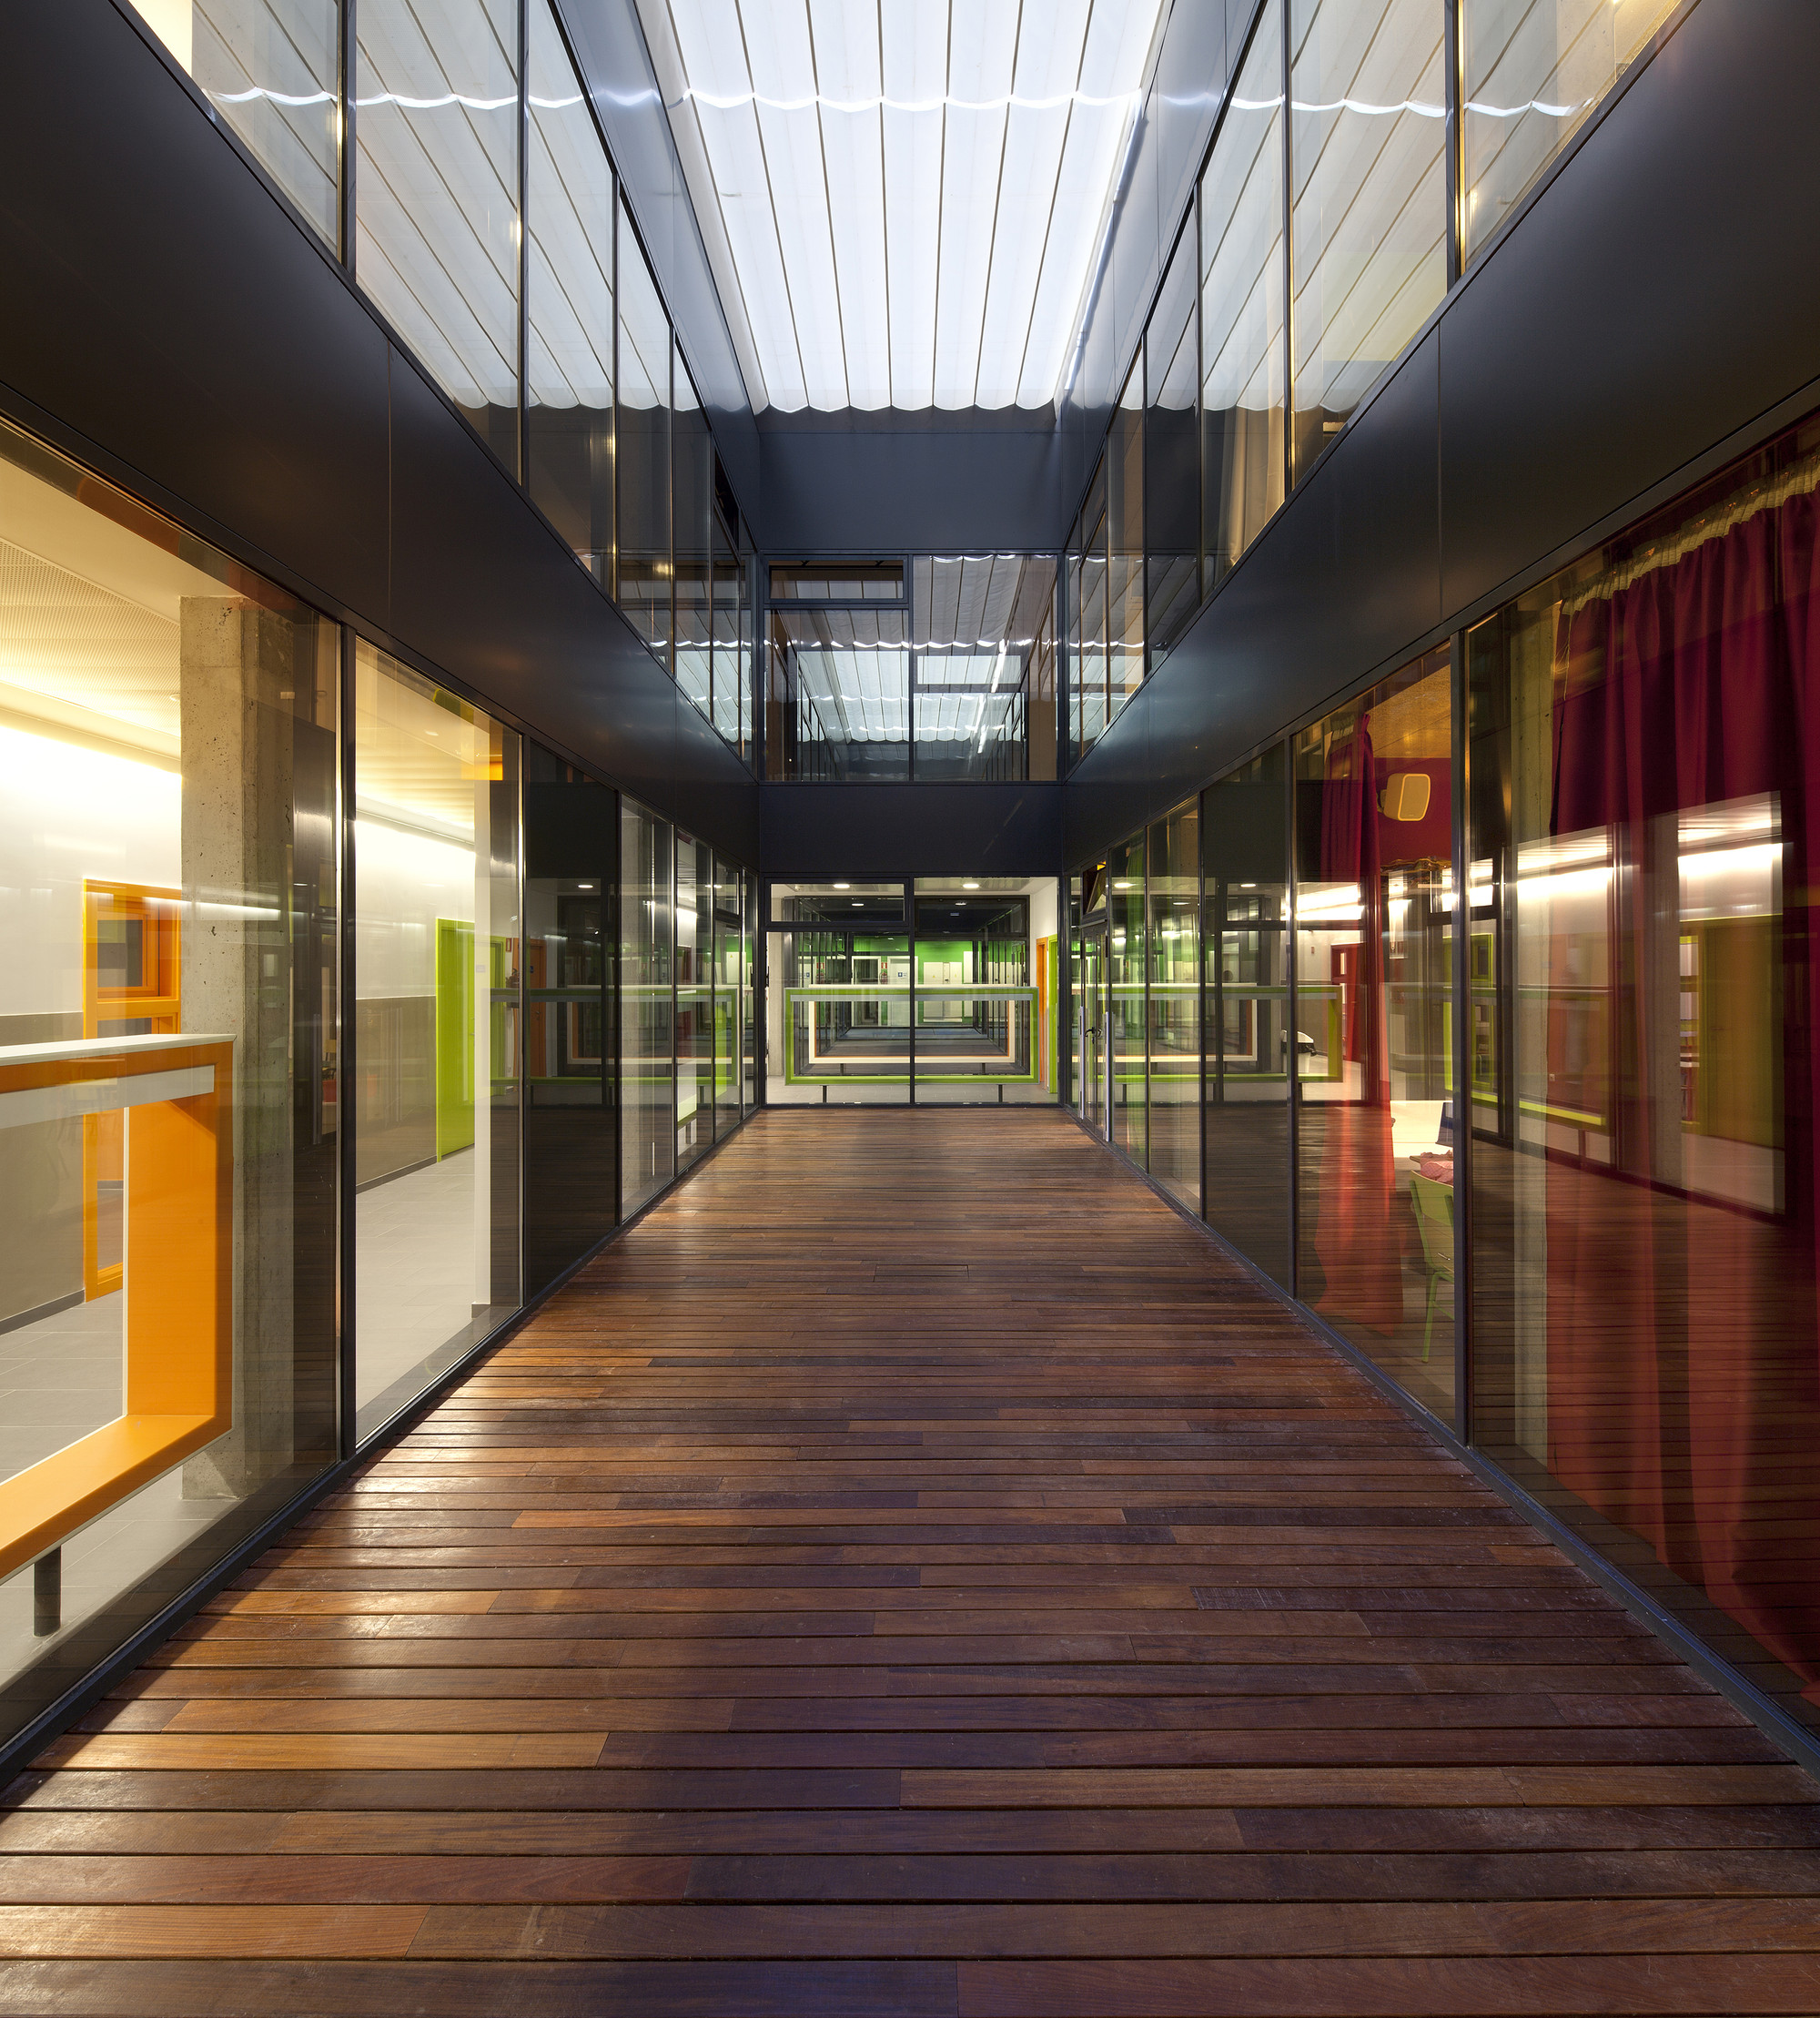 Gallery of french school saint exup ry flint 2 - Escuela de decoracion de interiores ...